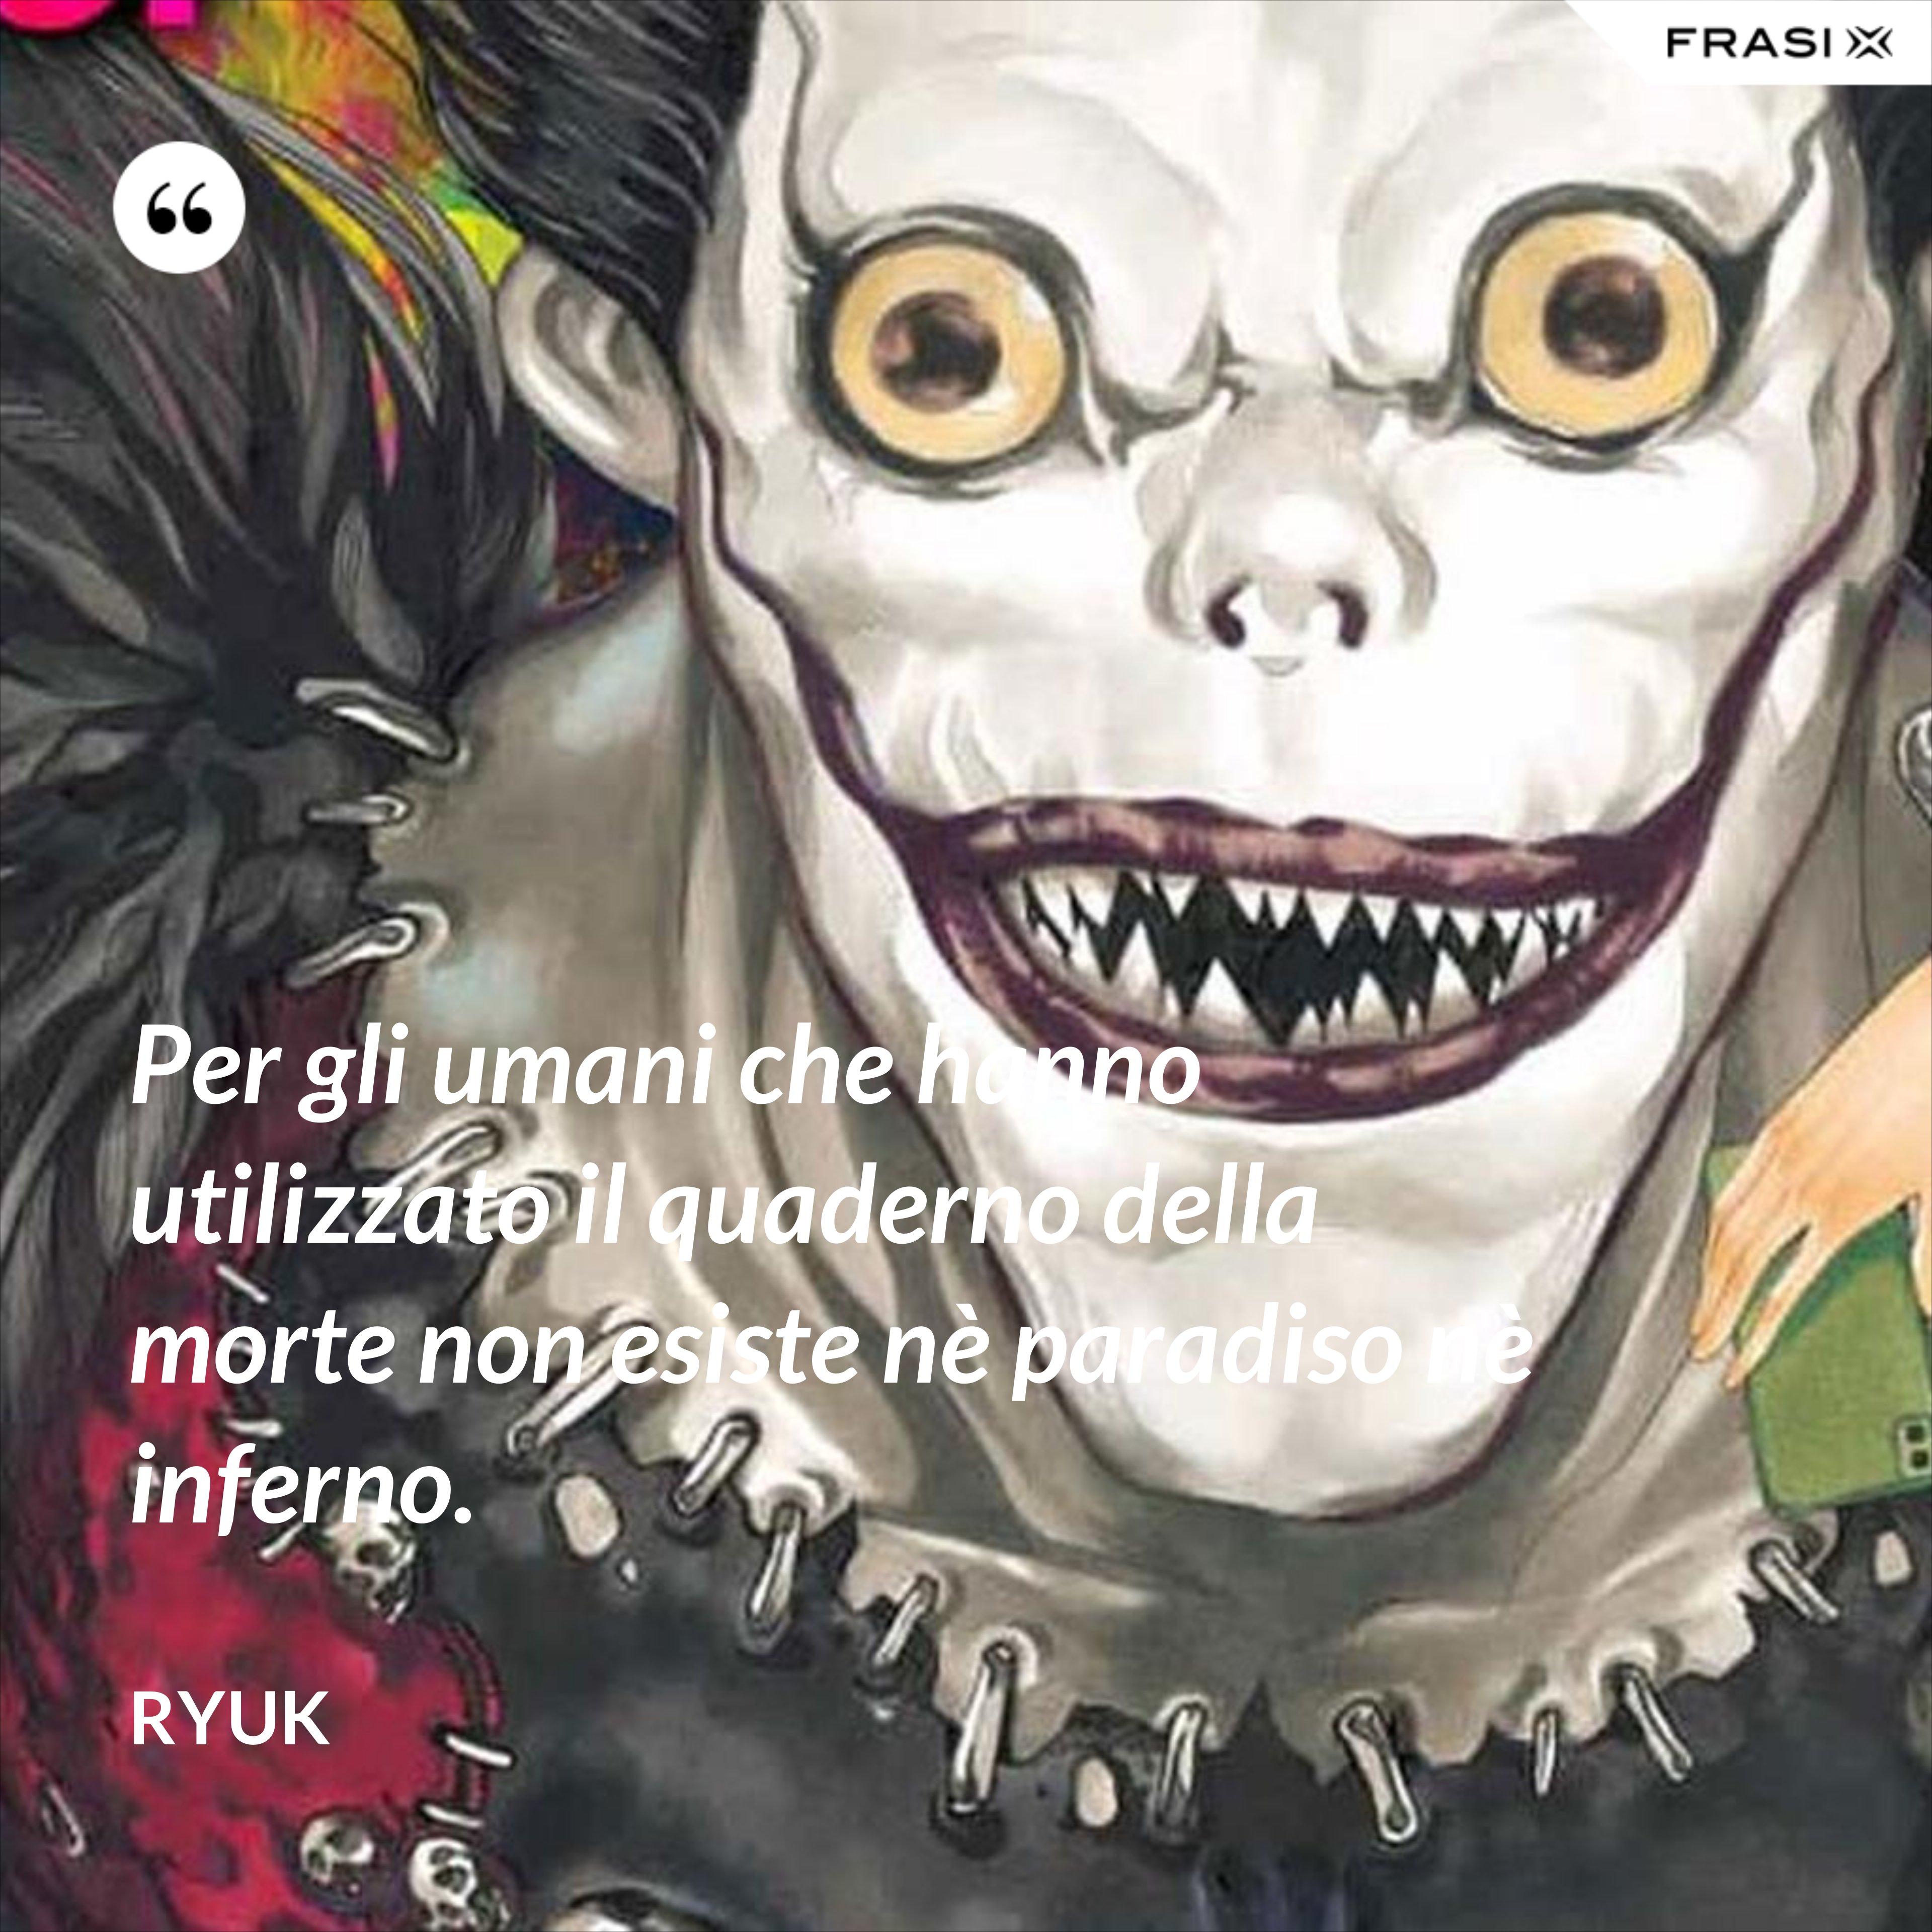 Per gli umani che hanno utilizzato il quaderno della morte non esiste nè paradiso nè inferno. - Ryuk